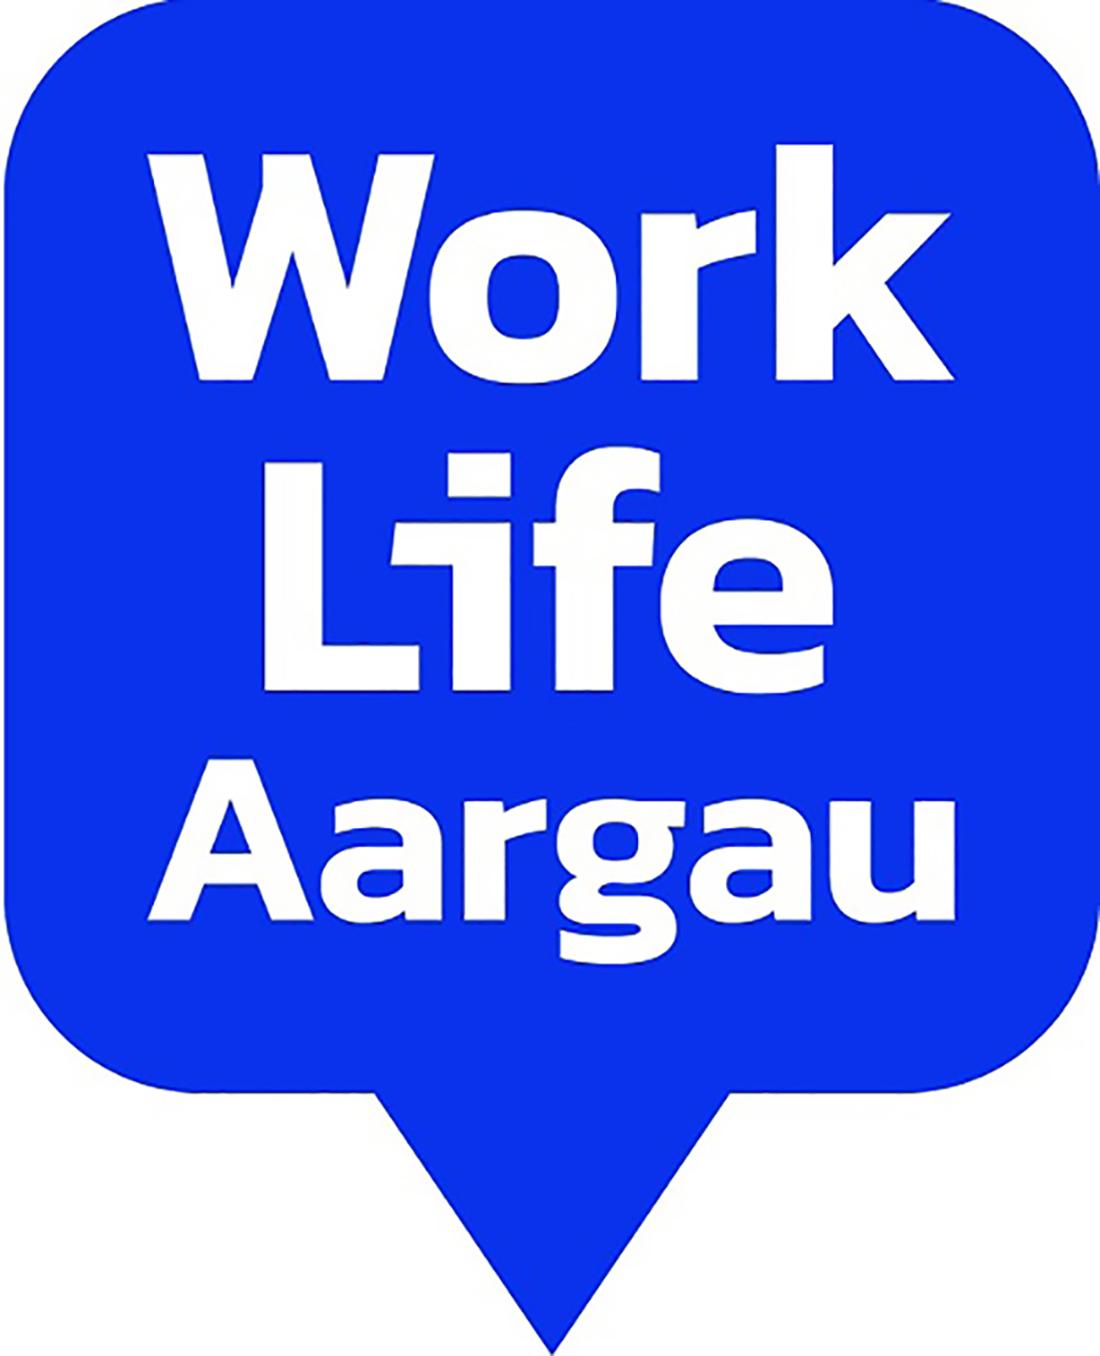 WorkLifeAargau.jpg